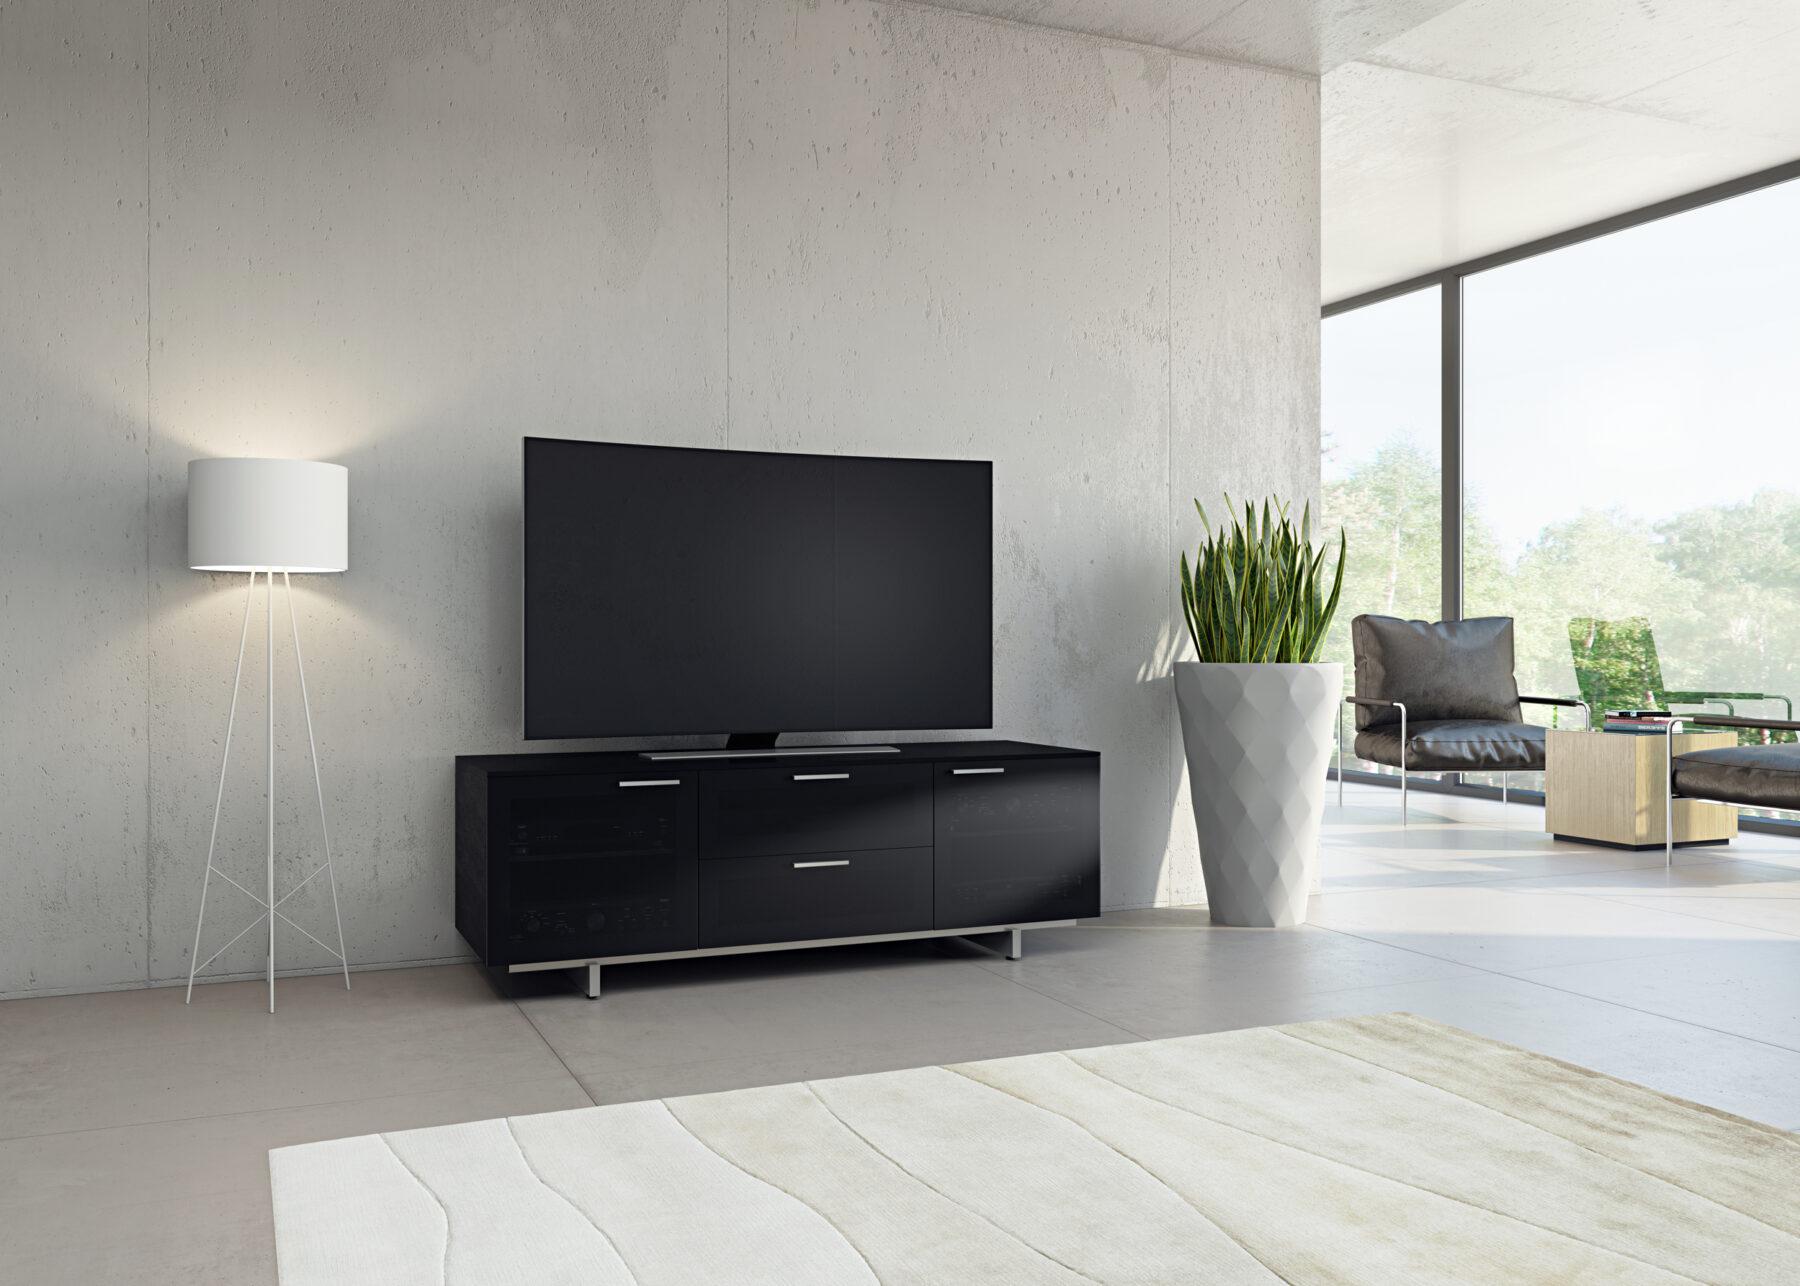 avion-noir-TV-cabinet-8937-bdi-living-room